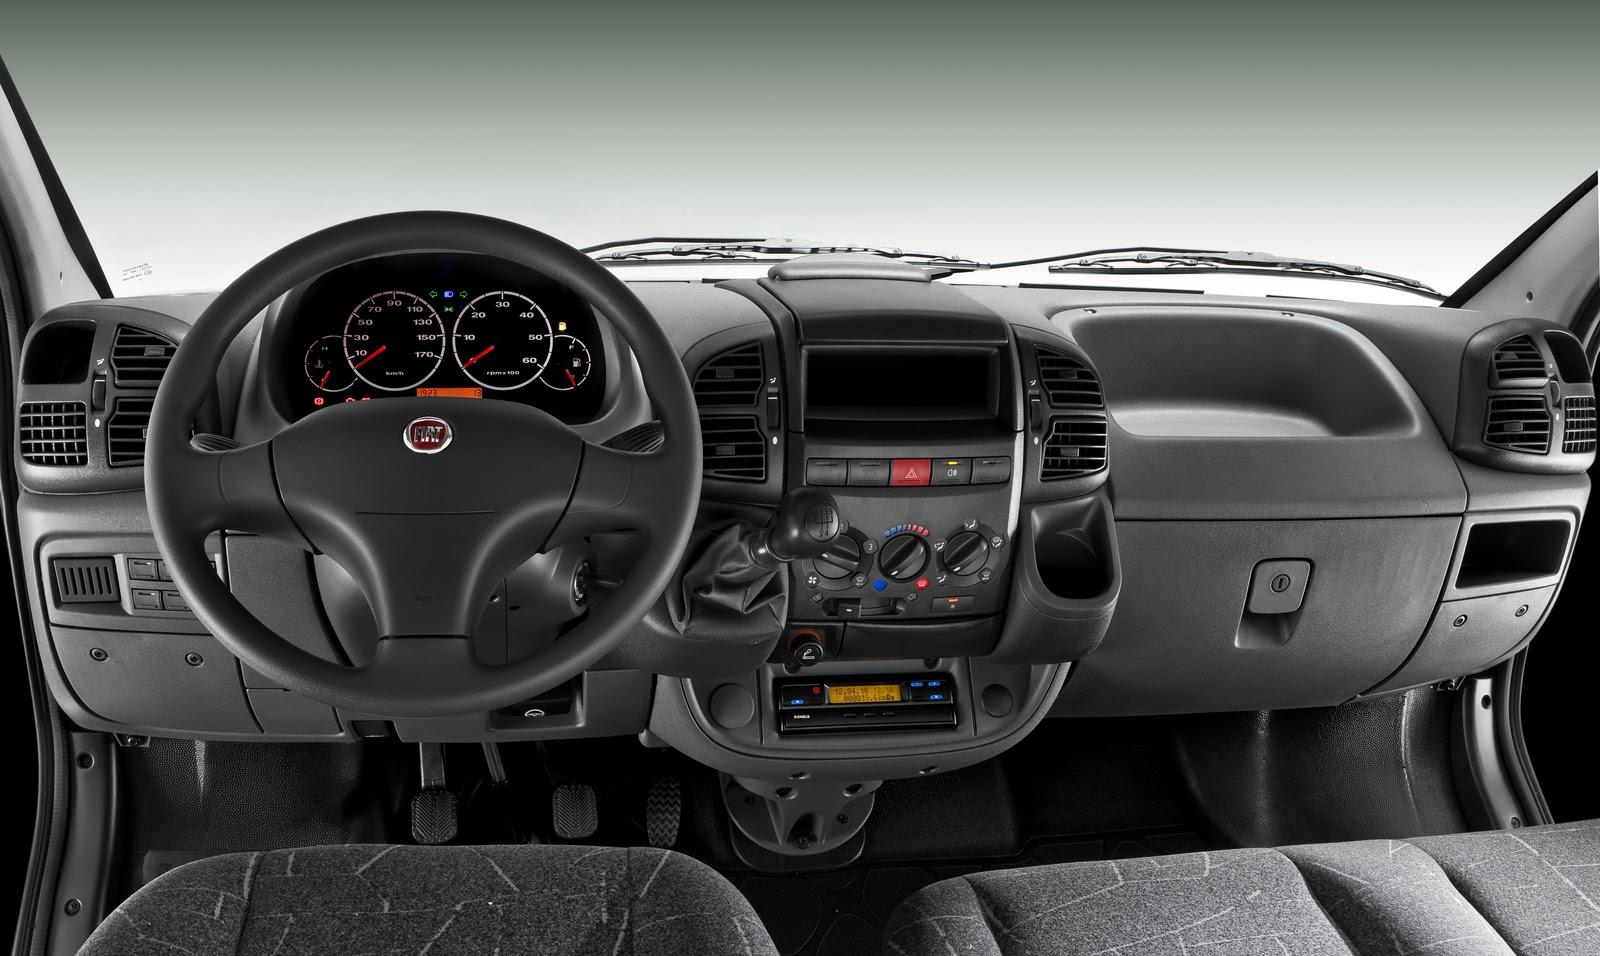 Fiat Ducato, uma década de produção no Brasil e liderança no mercado ducato interior 001